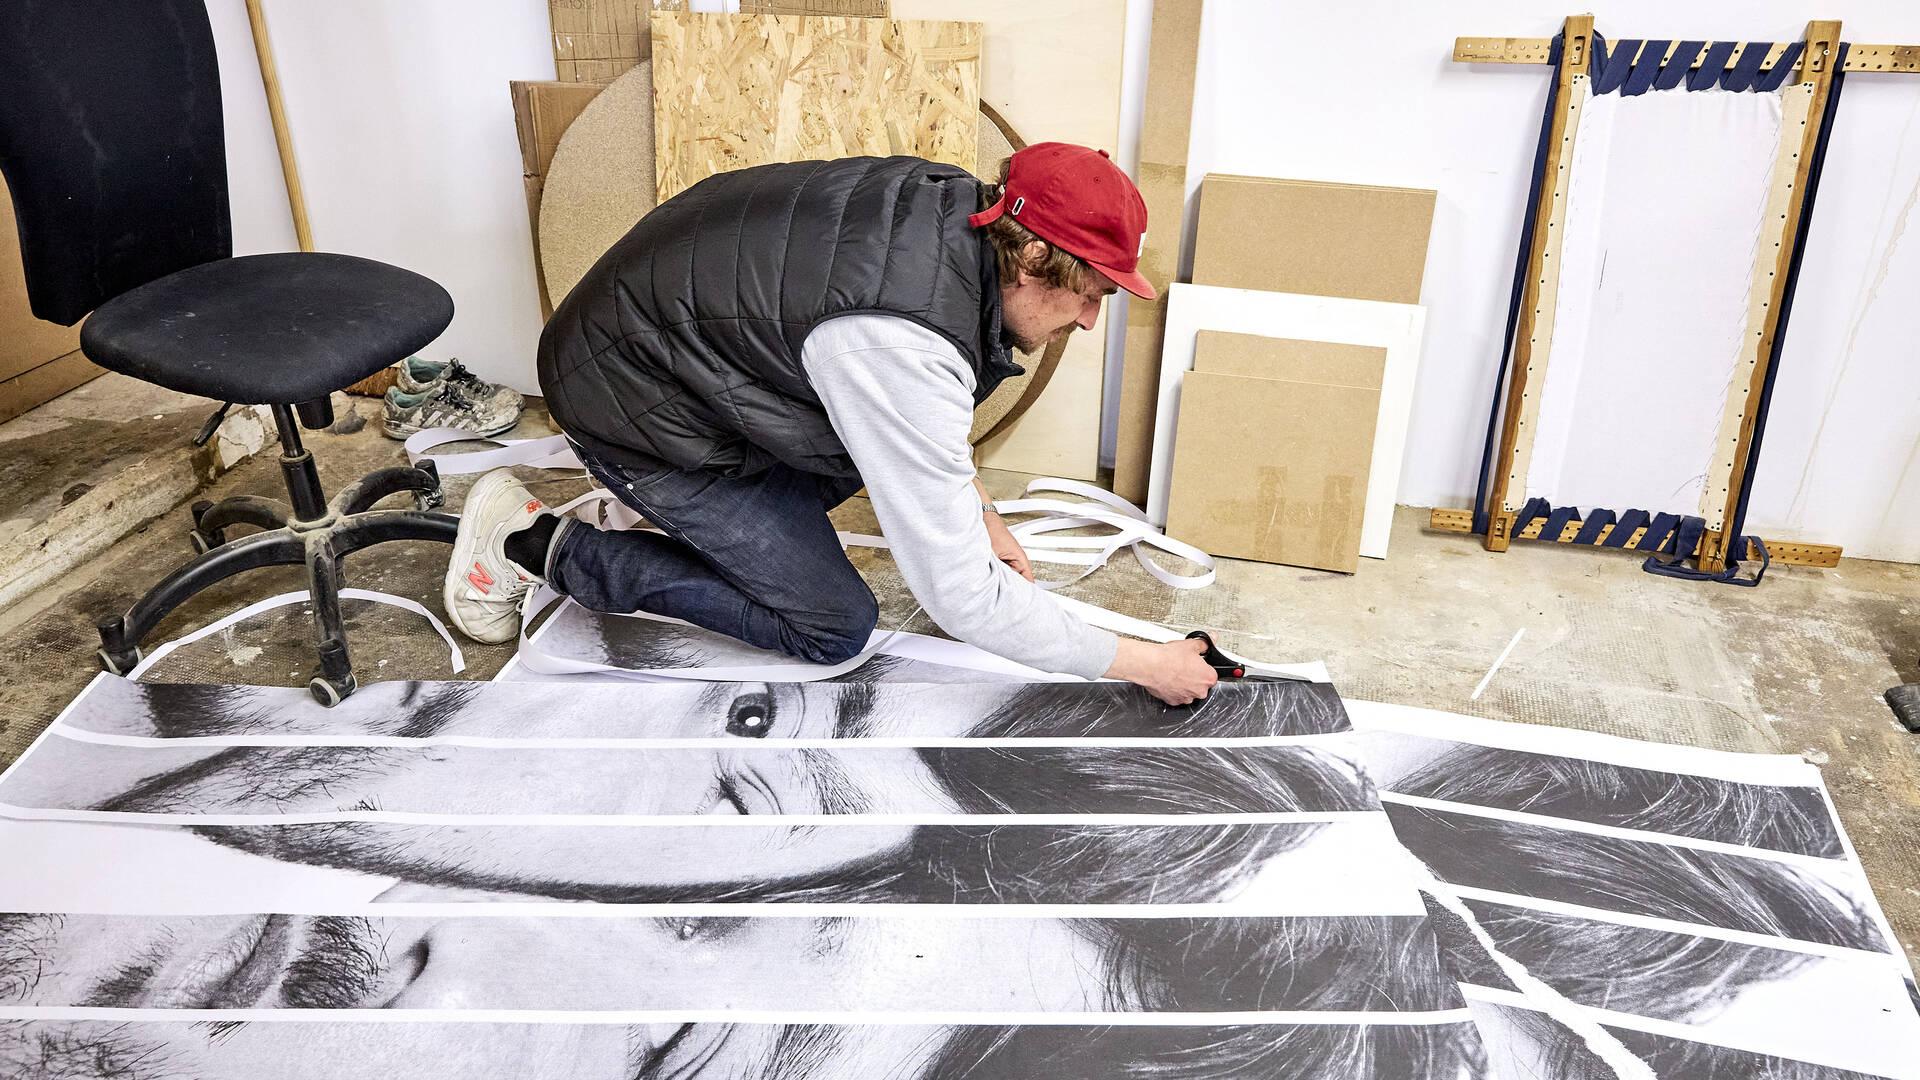 Quentin DMR en train de travailler en atelier sur ses œuvres - crédit Pstk82